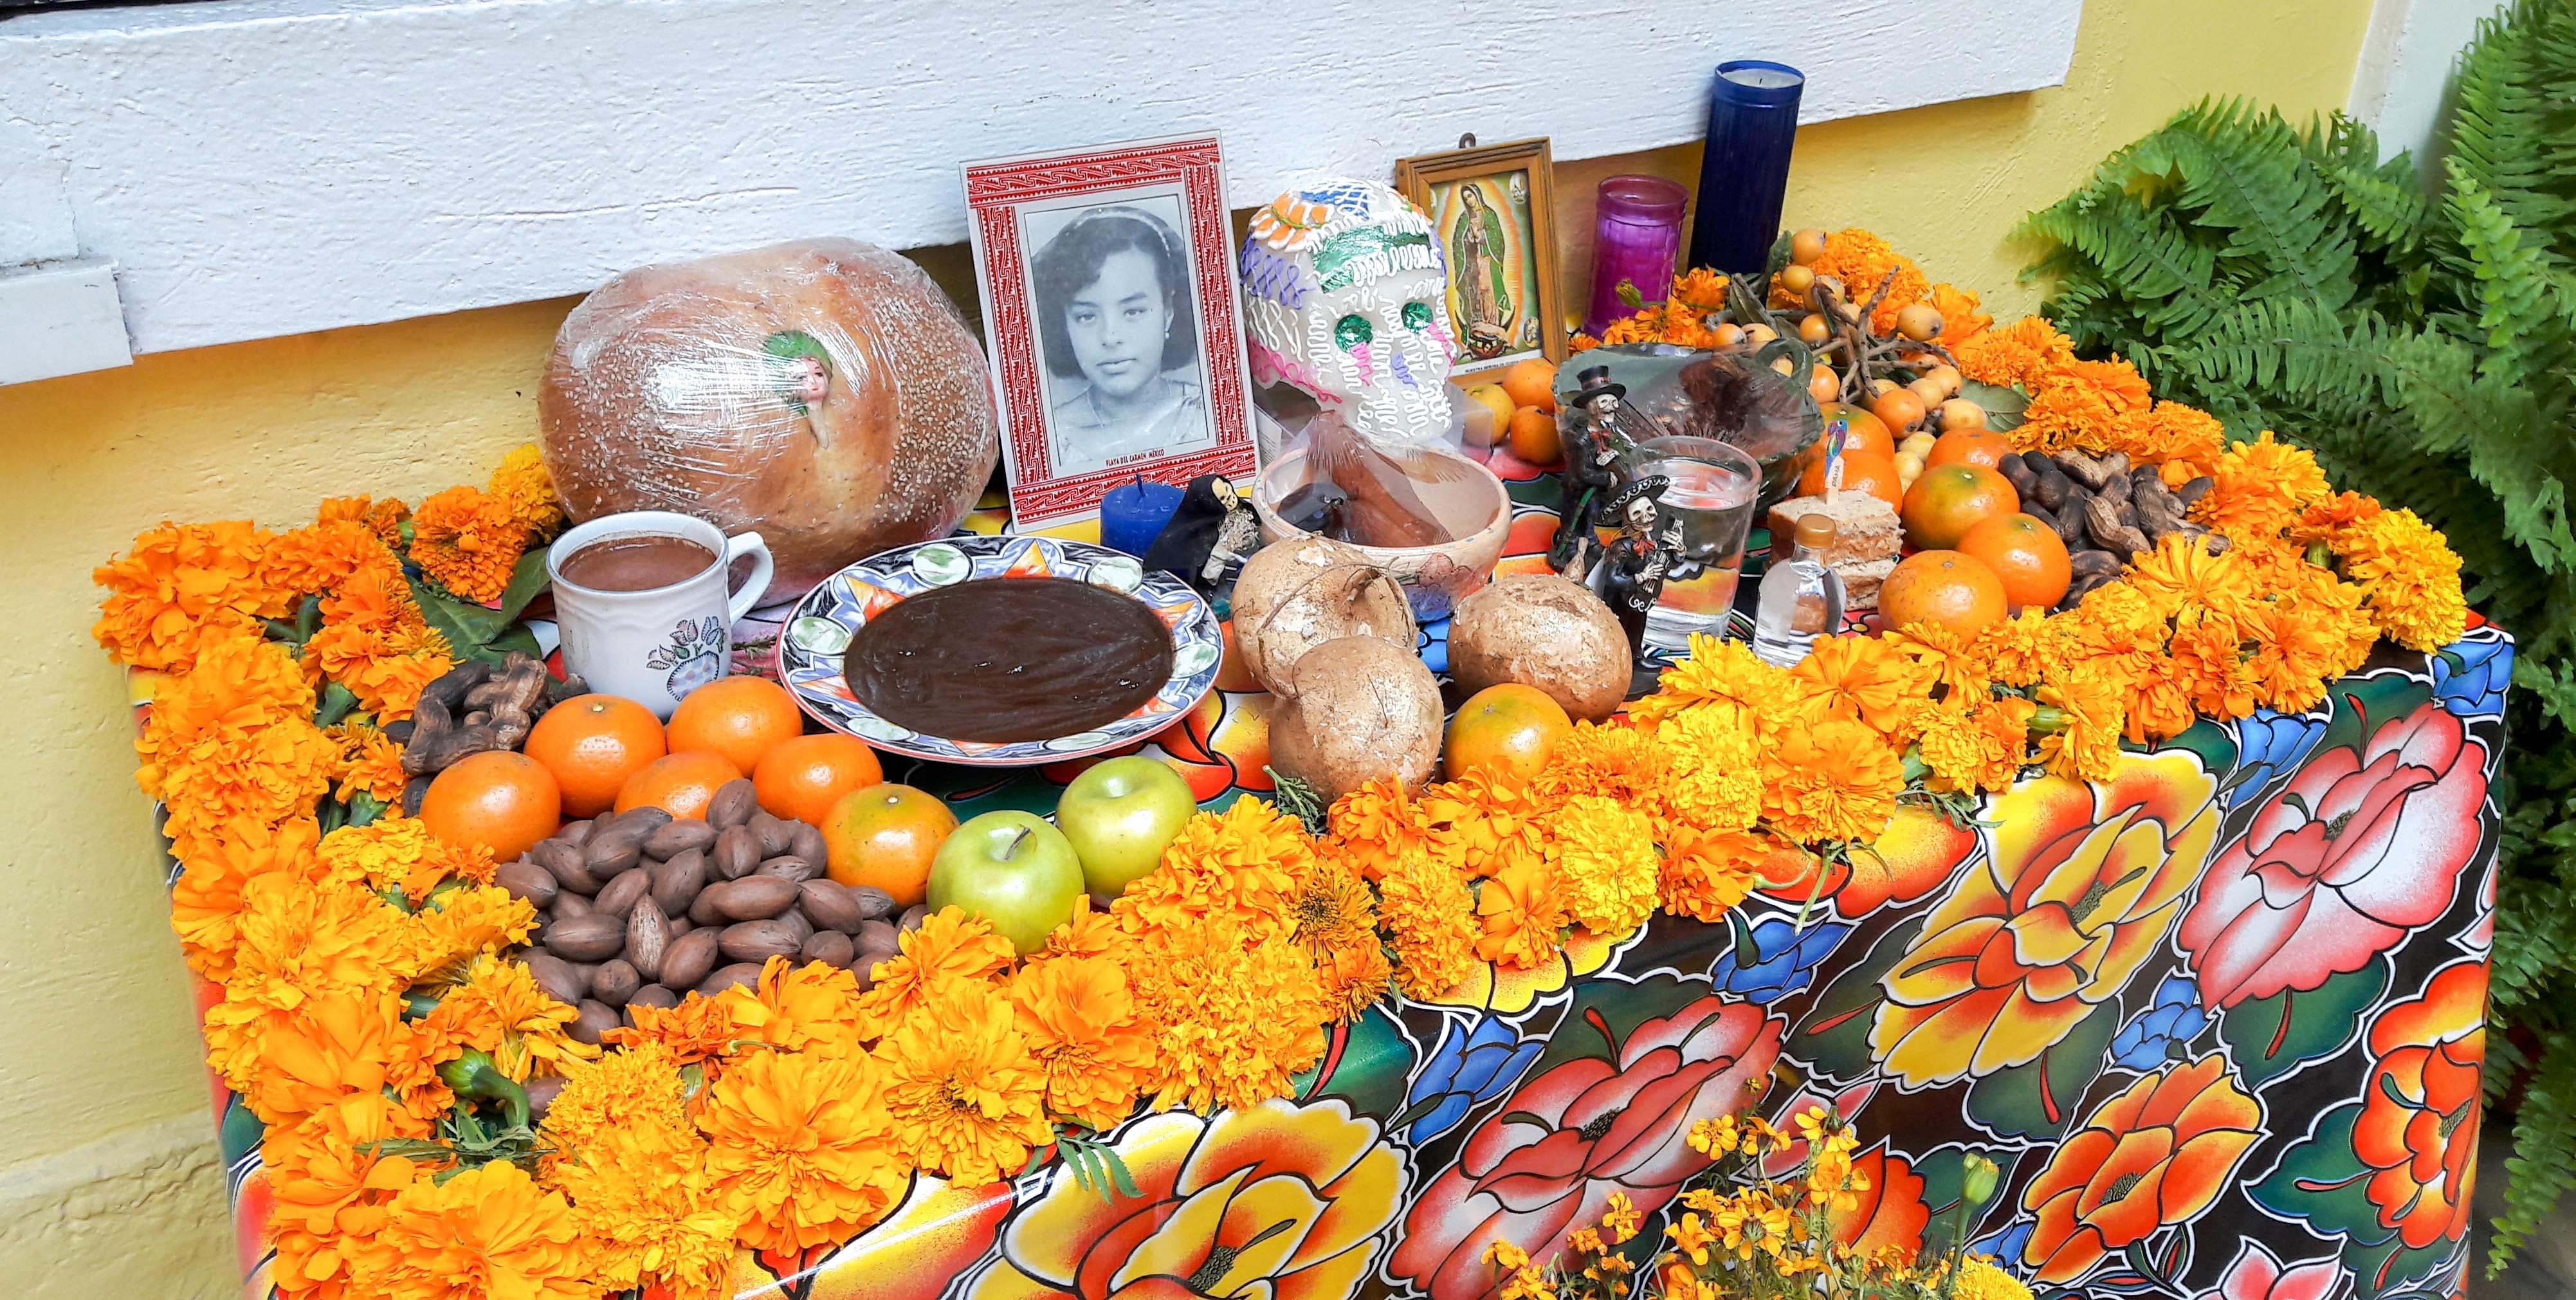 Ein Altar erinnert an ein verstorbenes Familienmitglied. – Bild: Annina Reusser